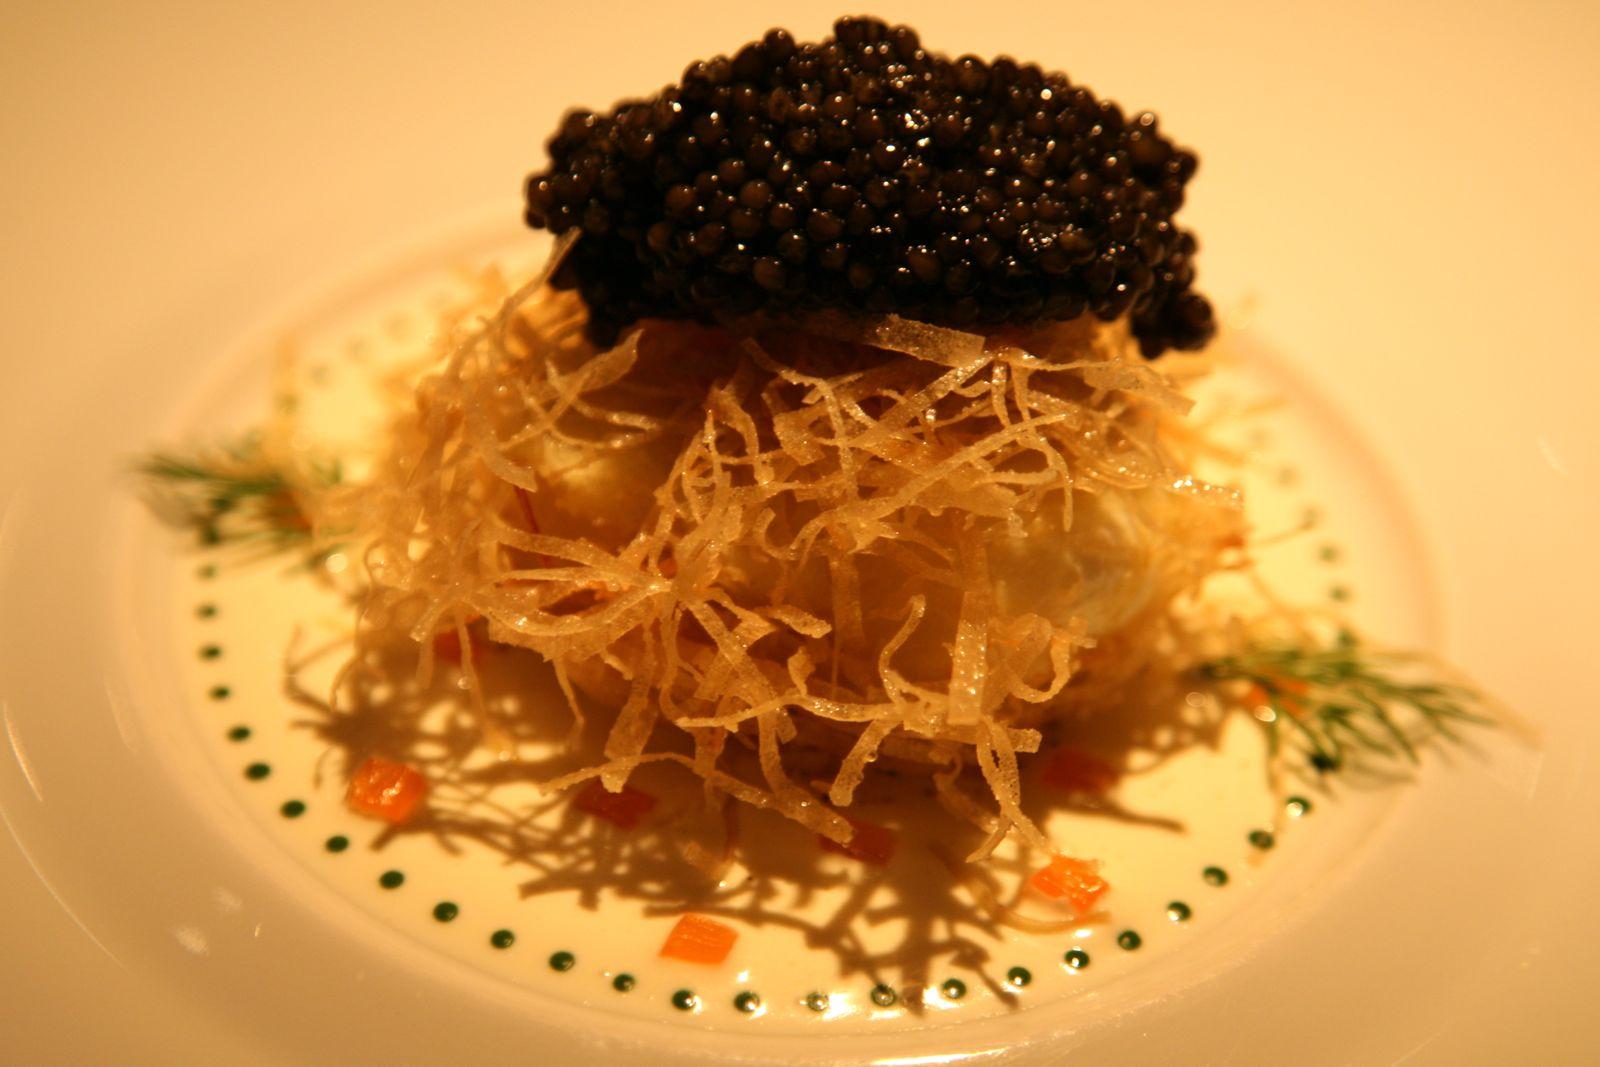 L'Oeuf de Poule mollet et friand au caviar et saumon fumé